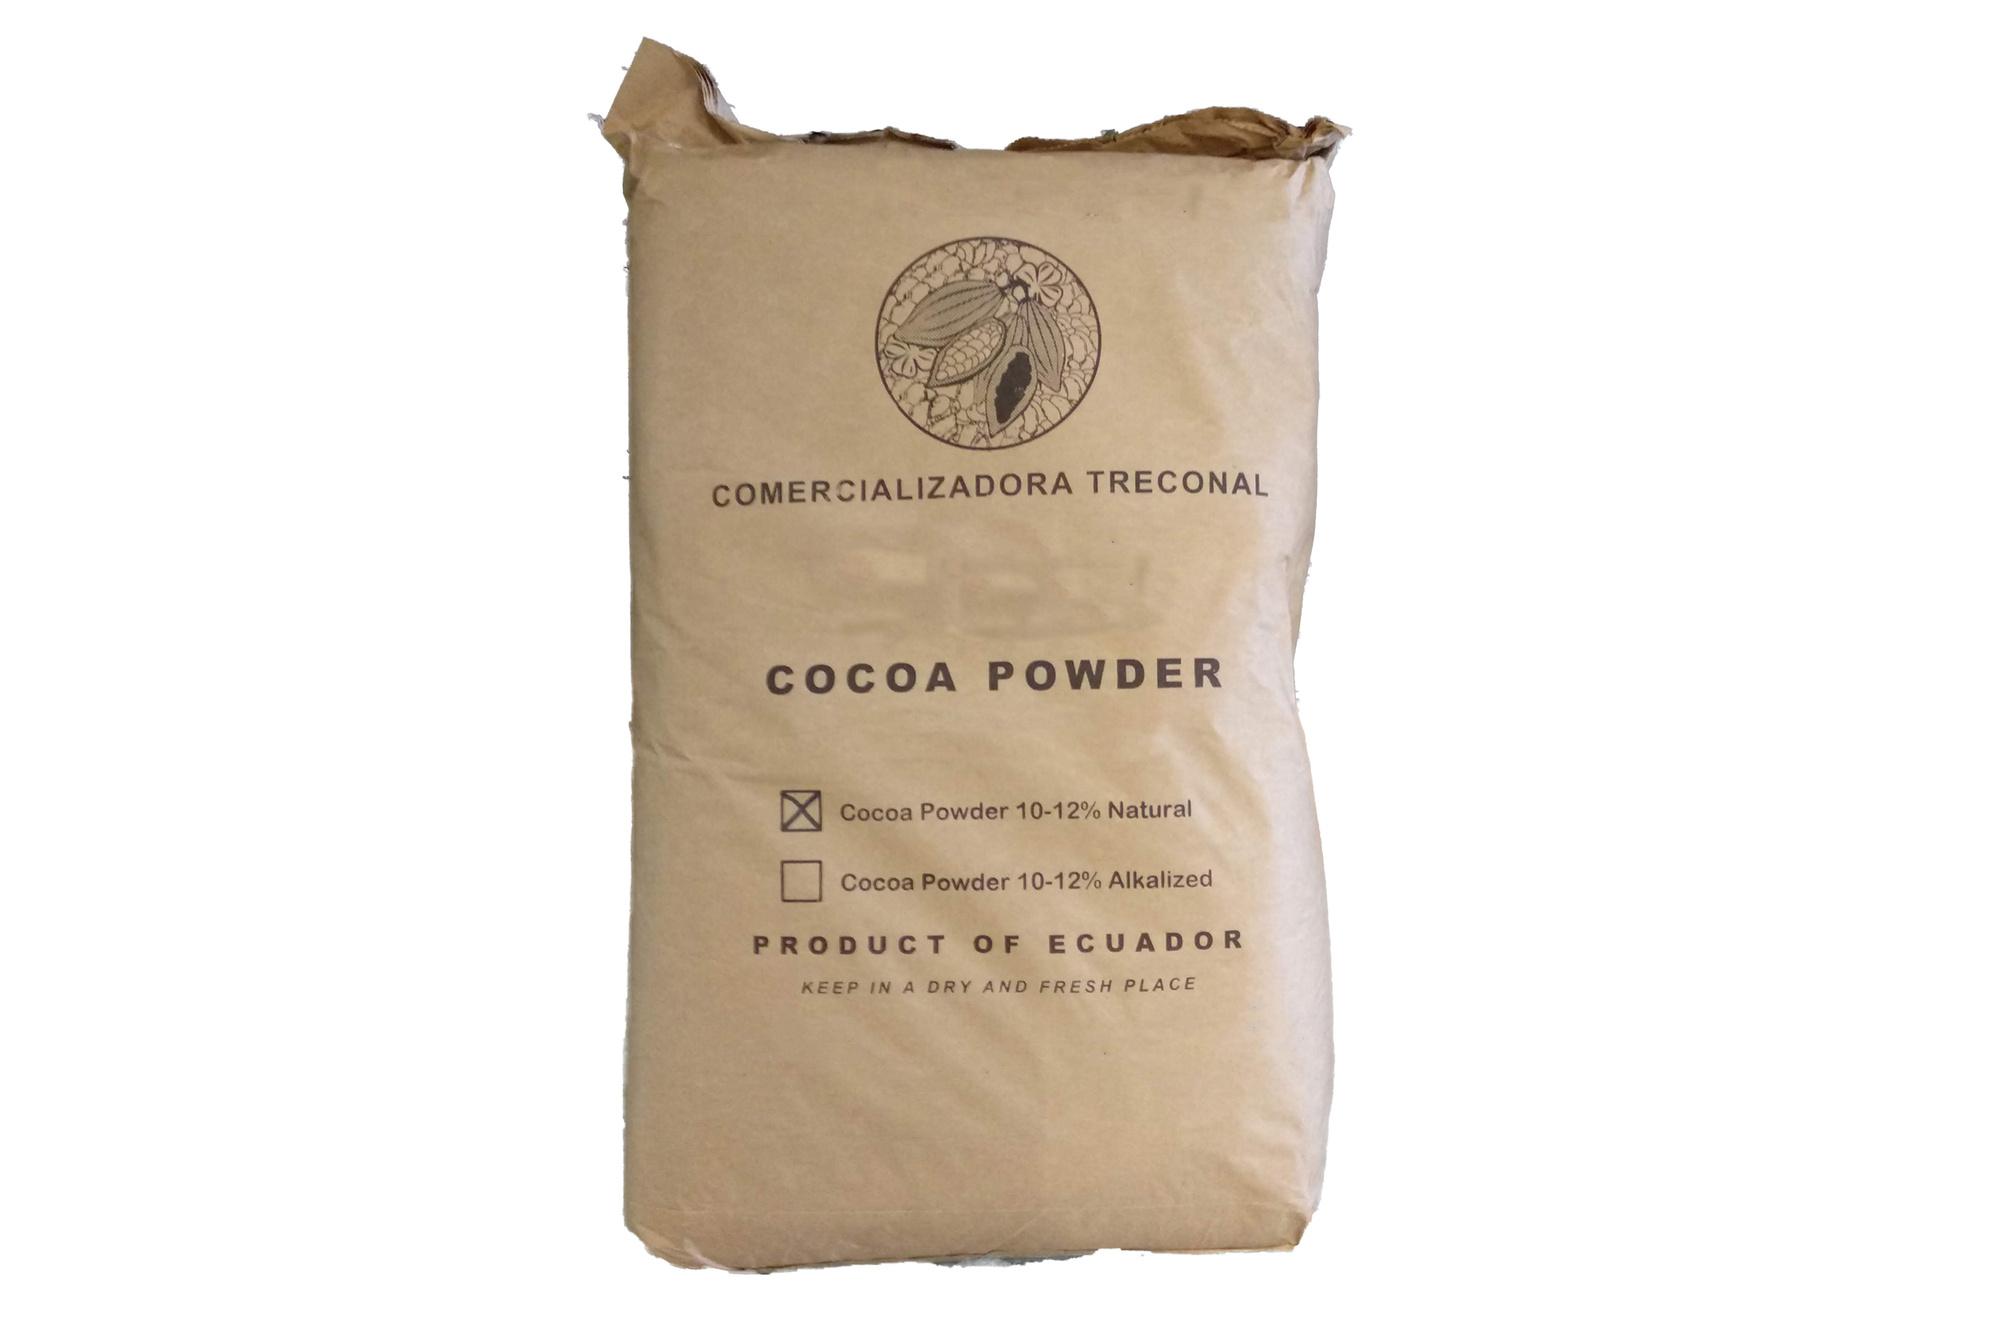 Organic Cacao Cocoa Powder Natural 10/12% 25kg Arriba Ecuador